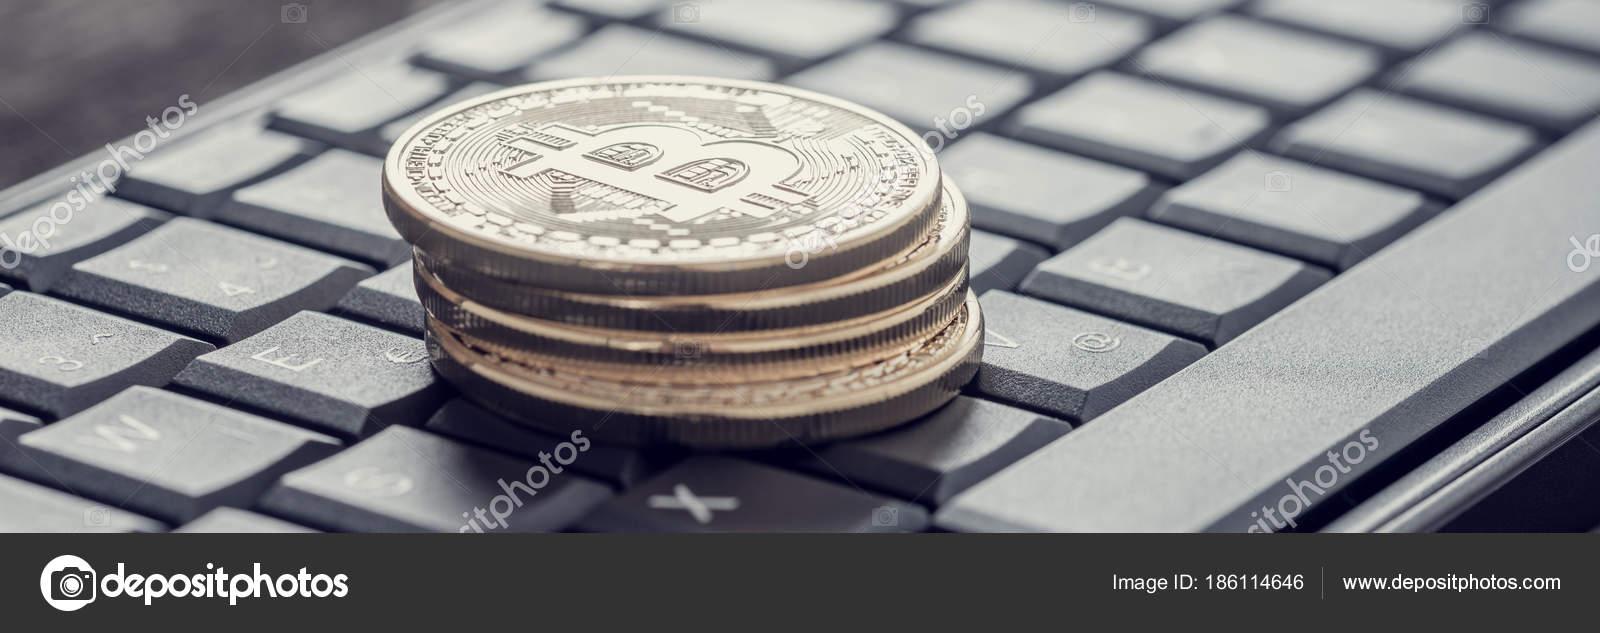 Efeito Retrô Desbotada E Tonificada A Imagem Dos Quatro Bitcoins U2014  Fotografia De Stock